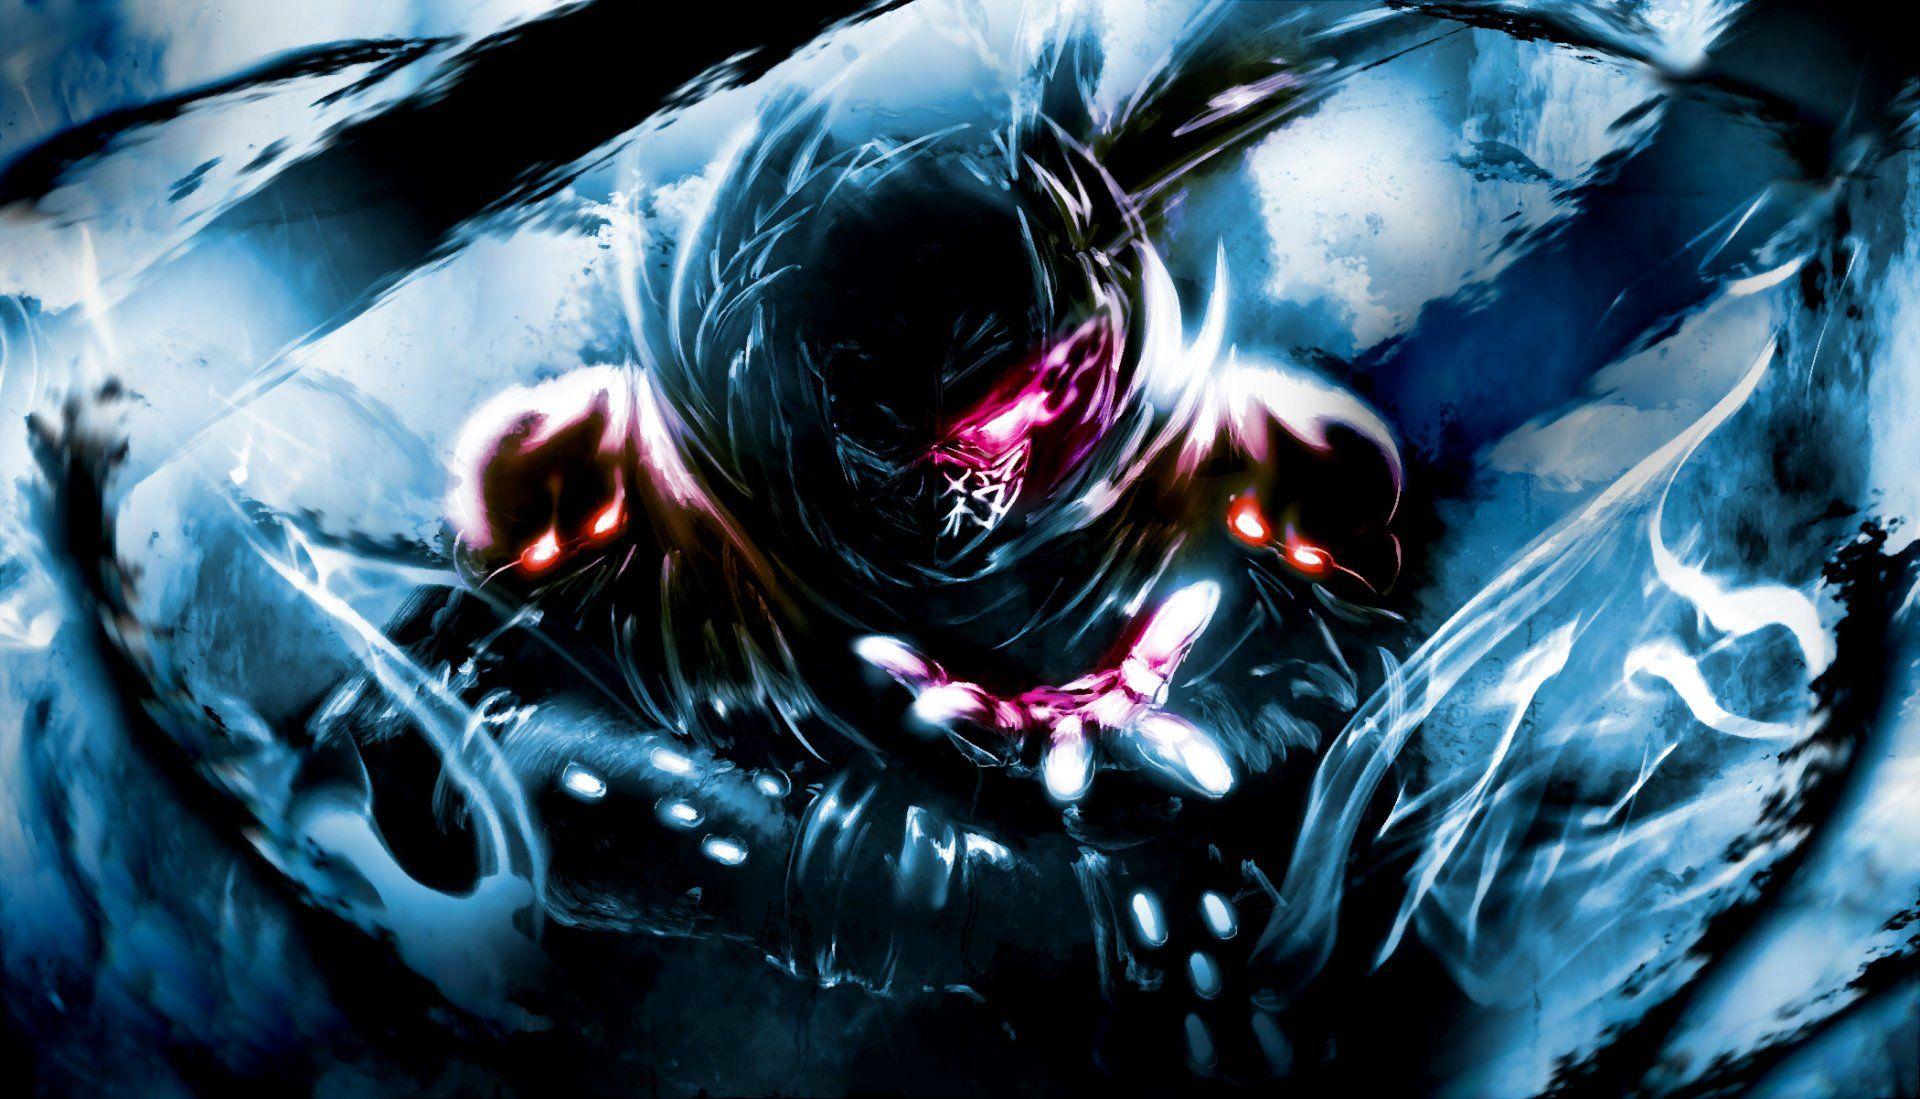 Anime Ninja Slayer Wallpaper Cool Anime Backgrounds Ninja Wallpaper Cool Anime Wallpapers